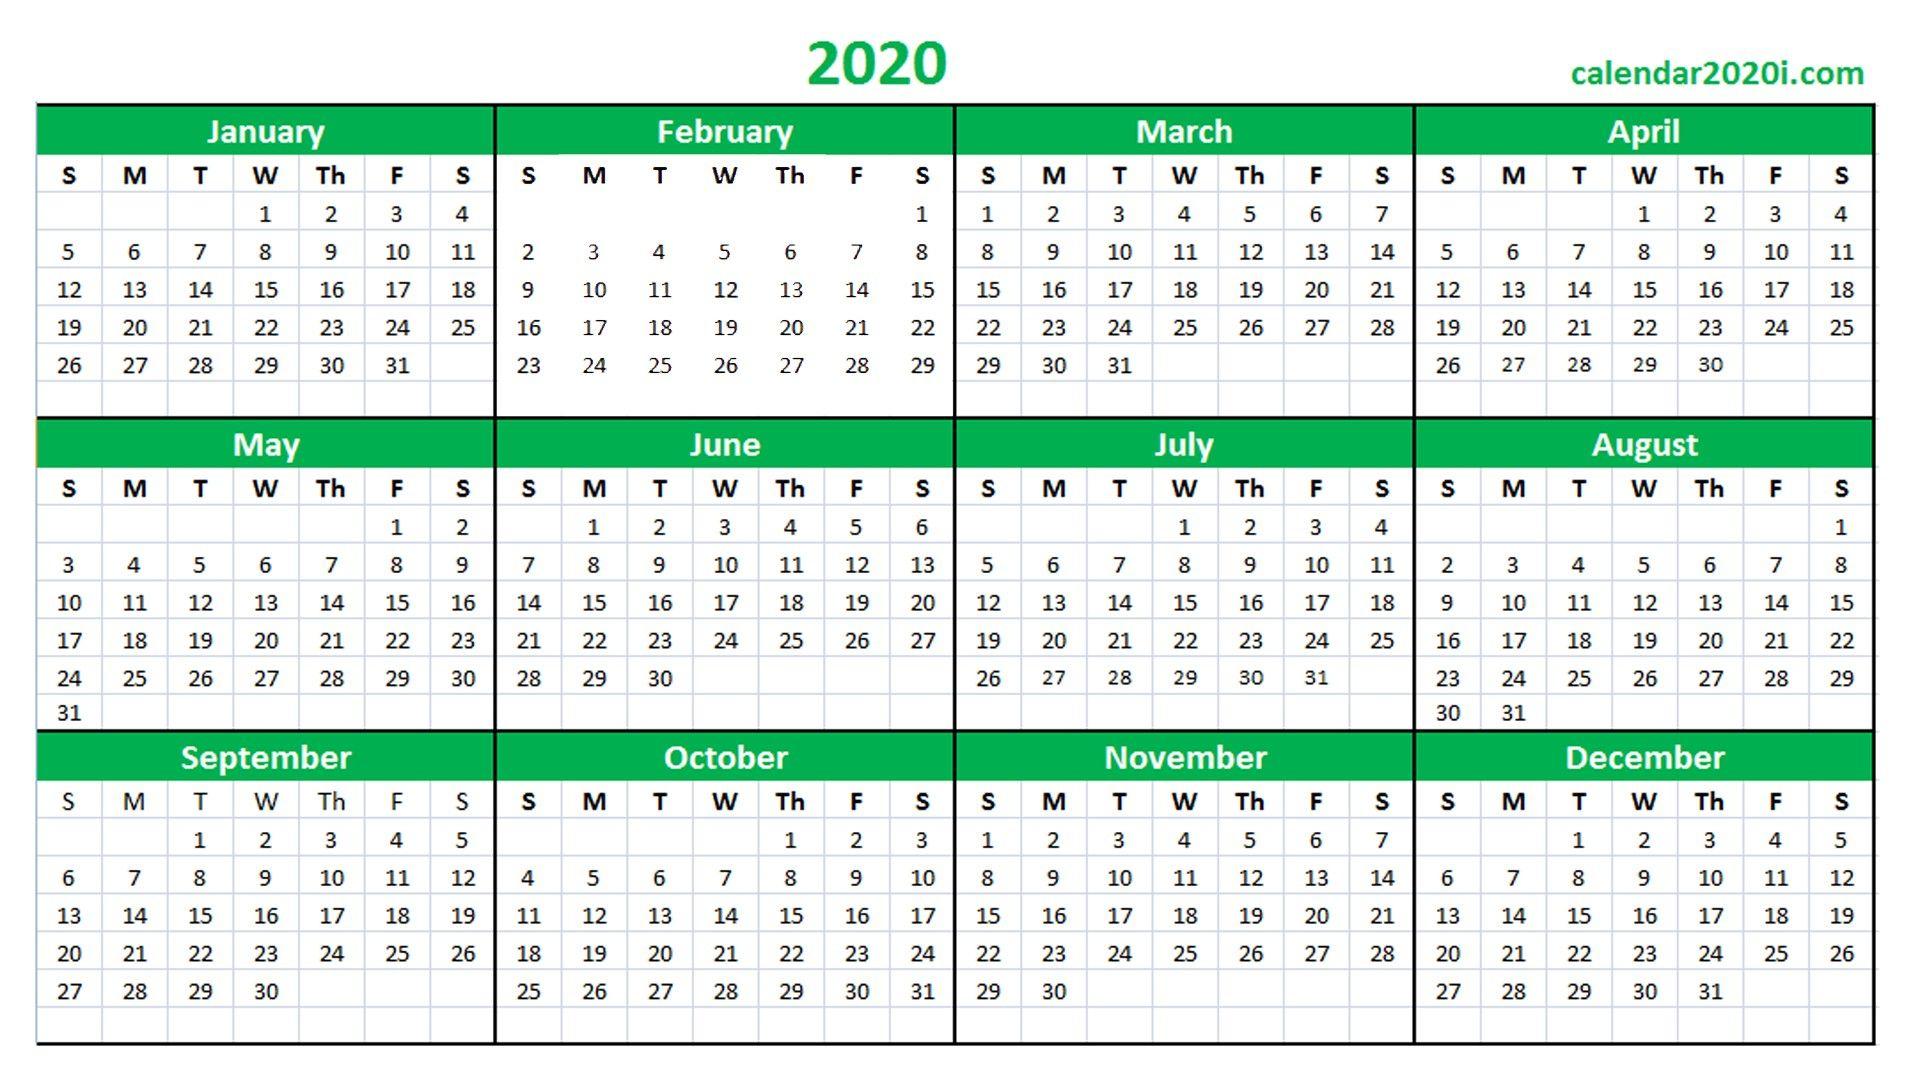 Printable Calendar 2020 16 – Welcome For You To Our Website inside Wincalendar April 2020